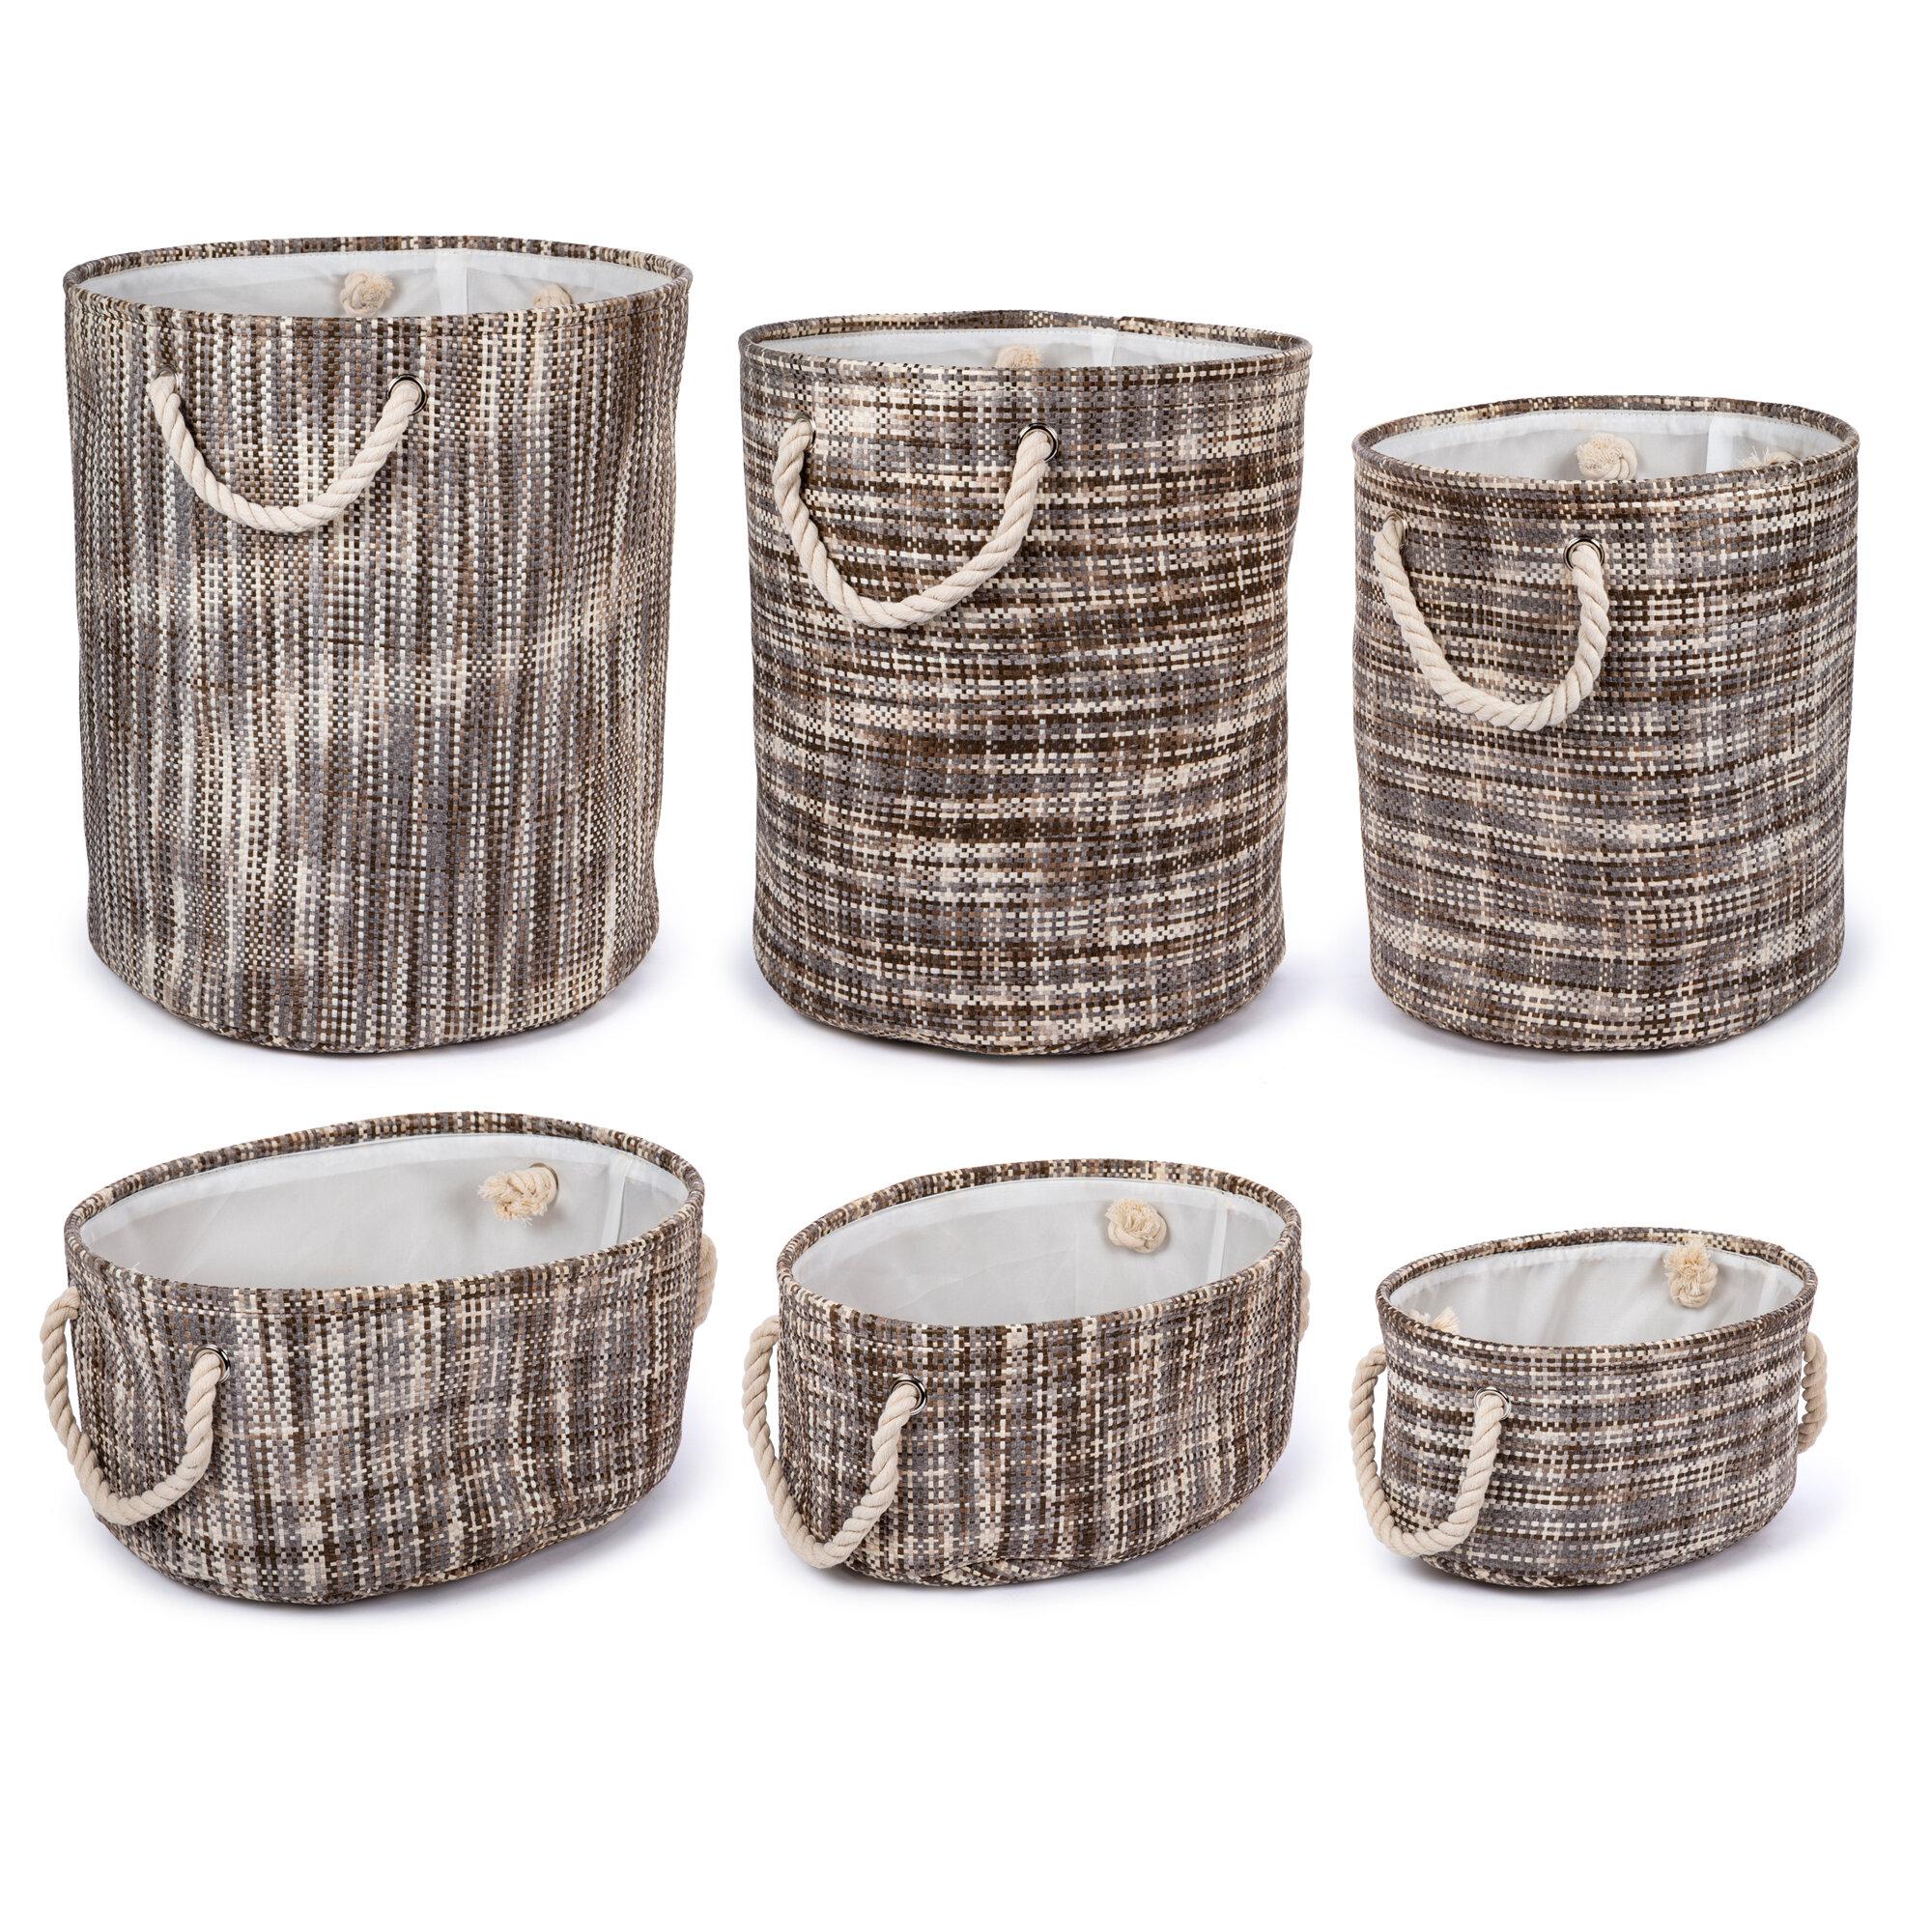 Merveilleux Rosecliff Heights 6 Piece Round Fabric Storage Basket Set | Wayfair